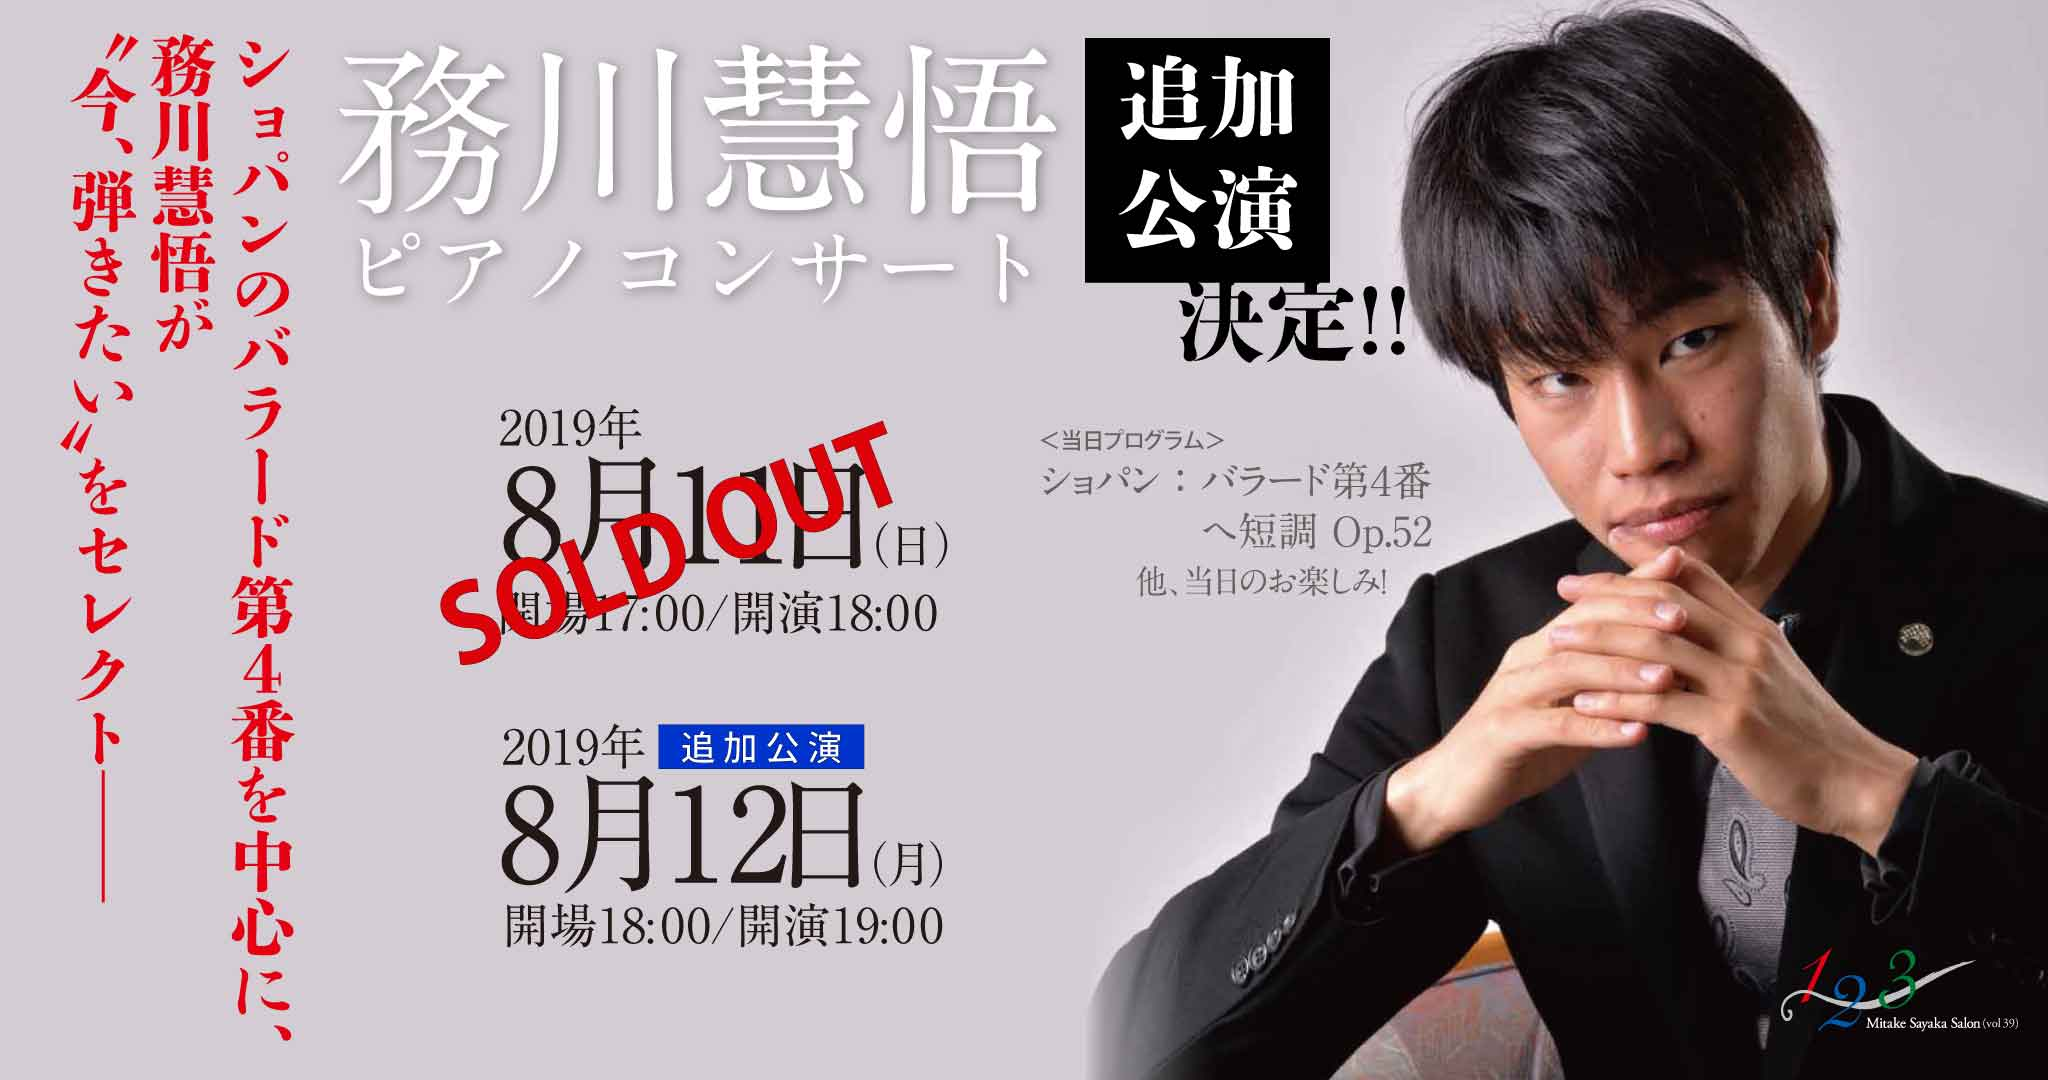 【完売】《追加公演》務川慧悟ピアノコンサート